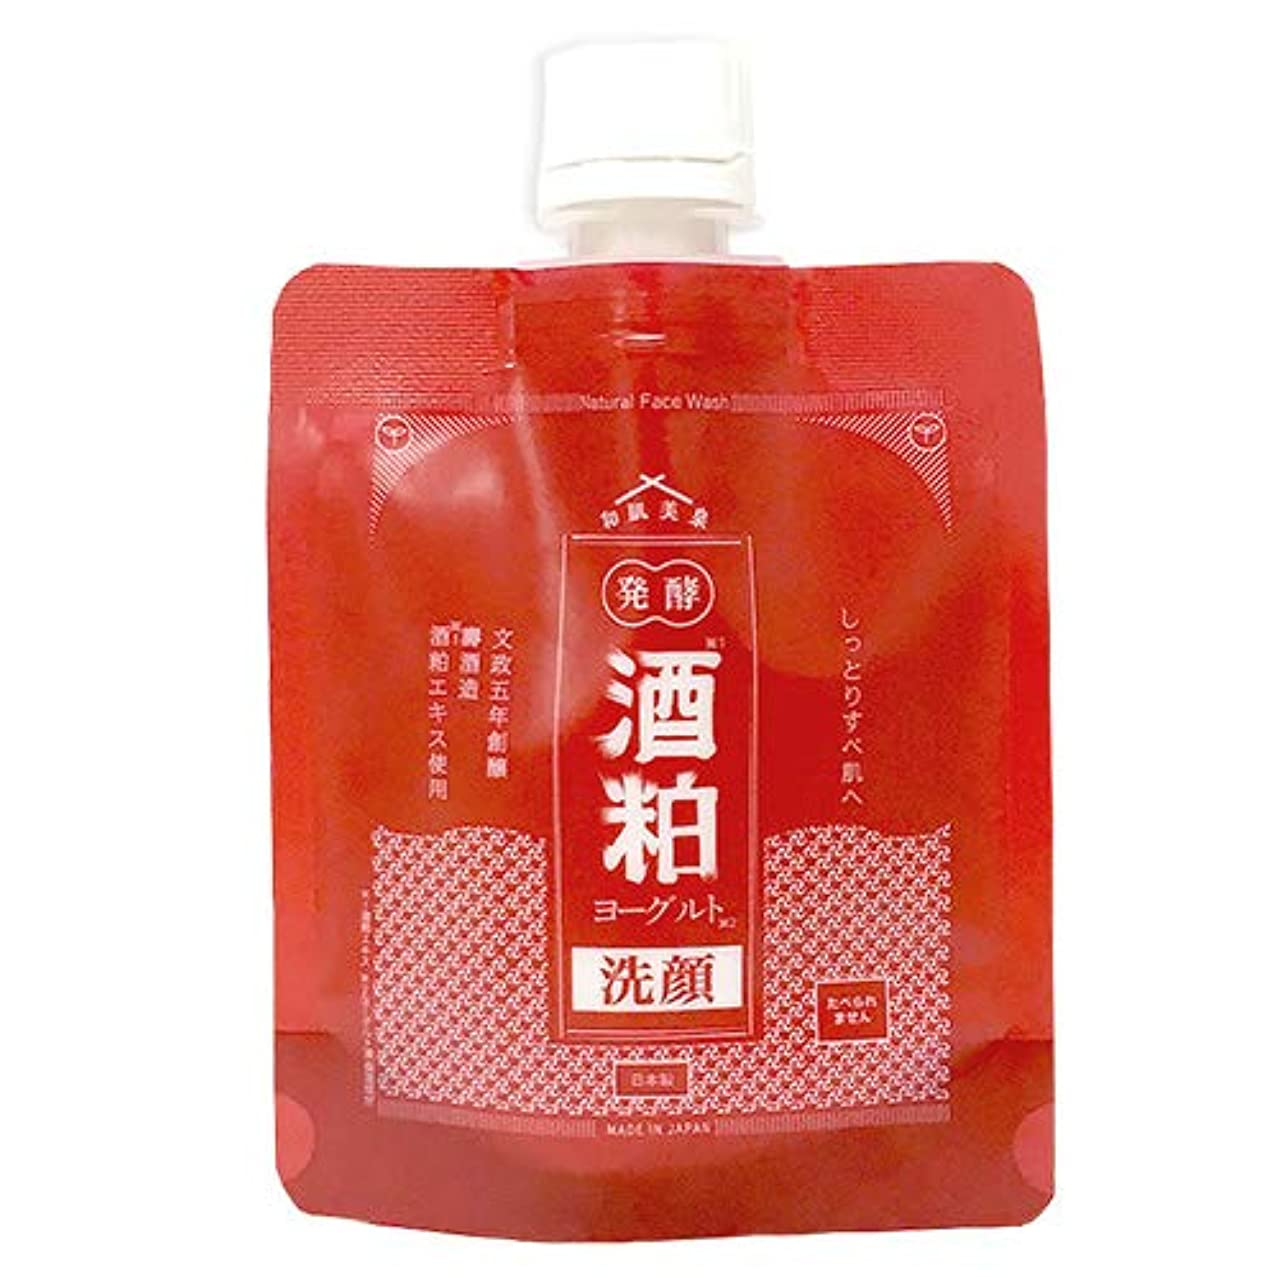 ずらす置き場スマイル和肌美泉 発酵•酒粕ヨーグルト洗顔 100g